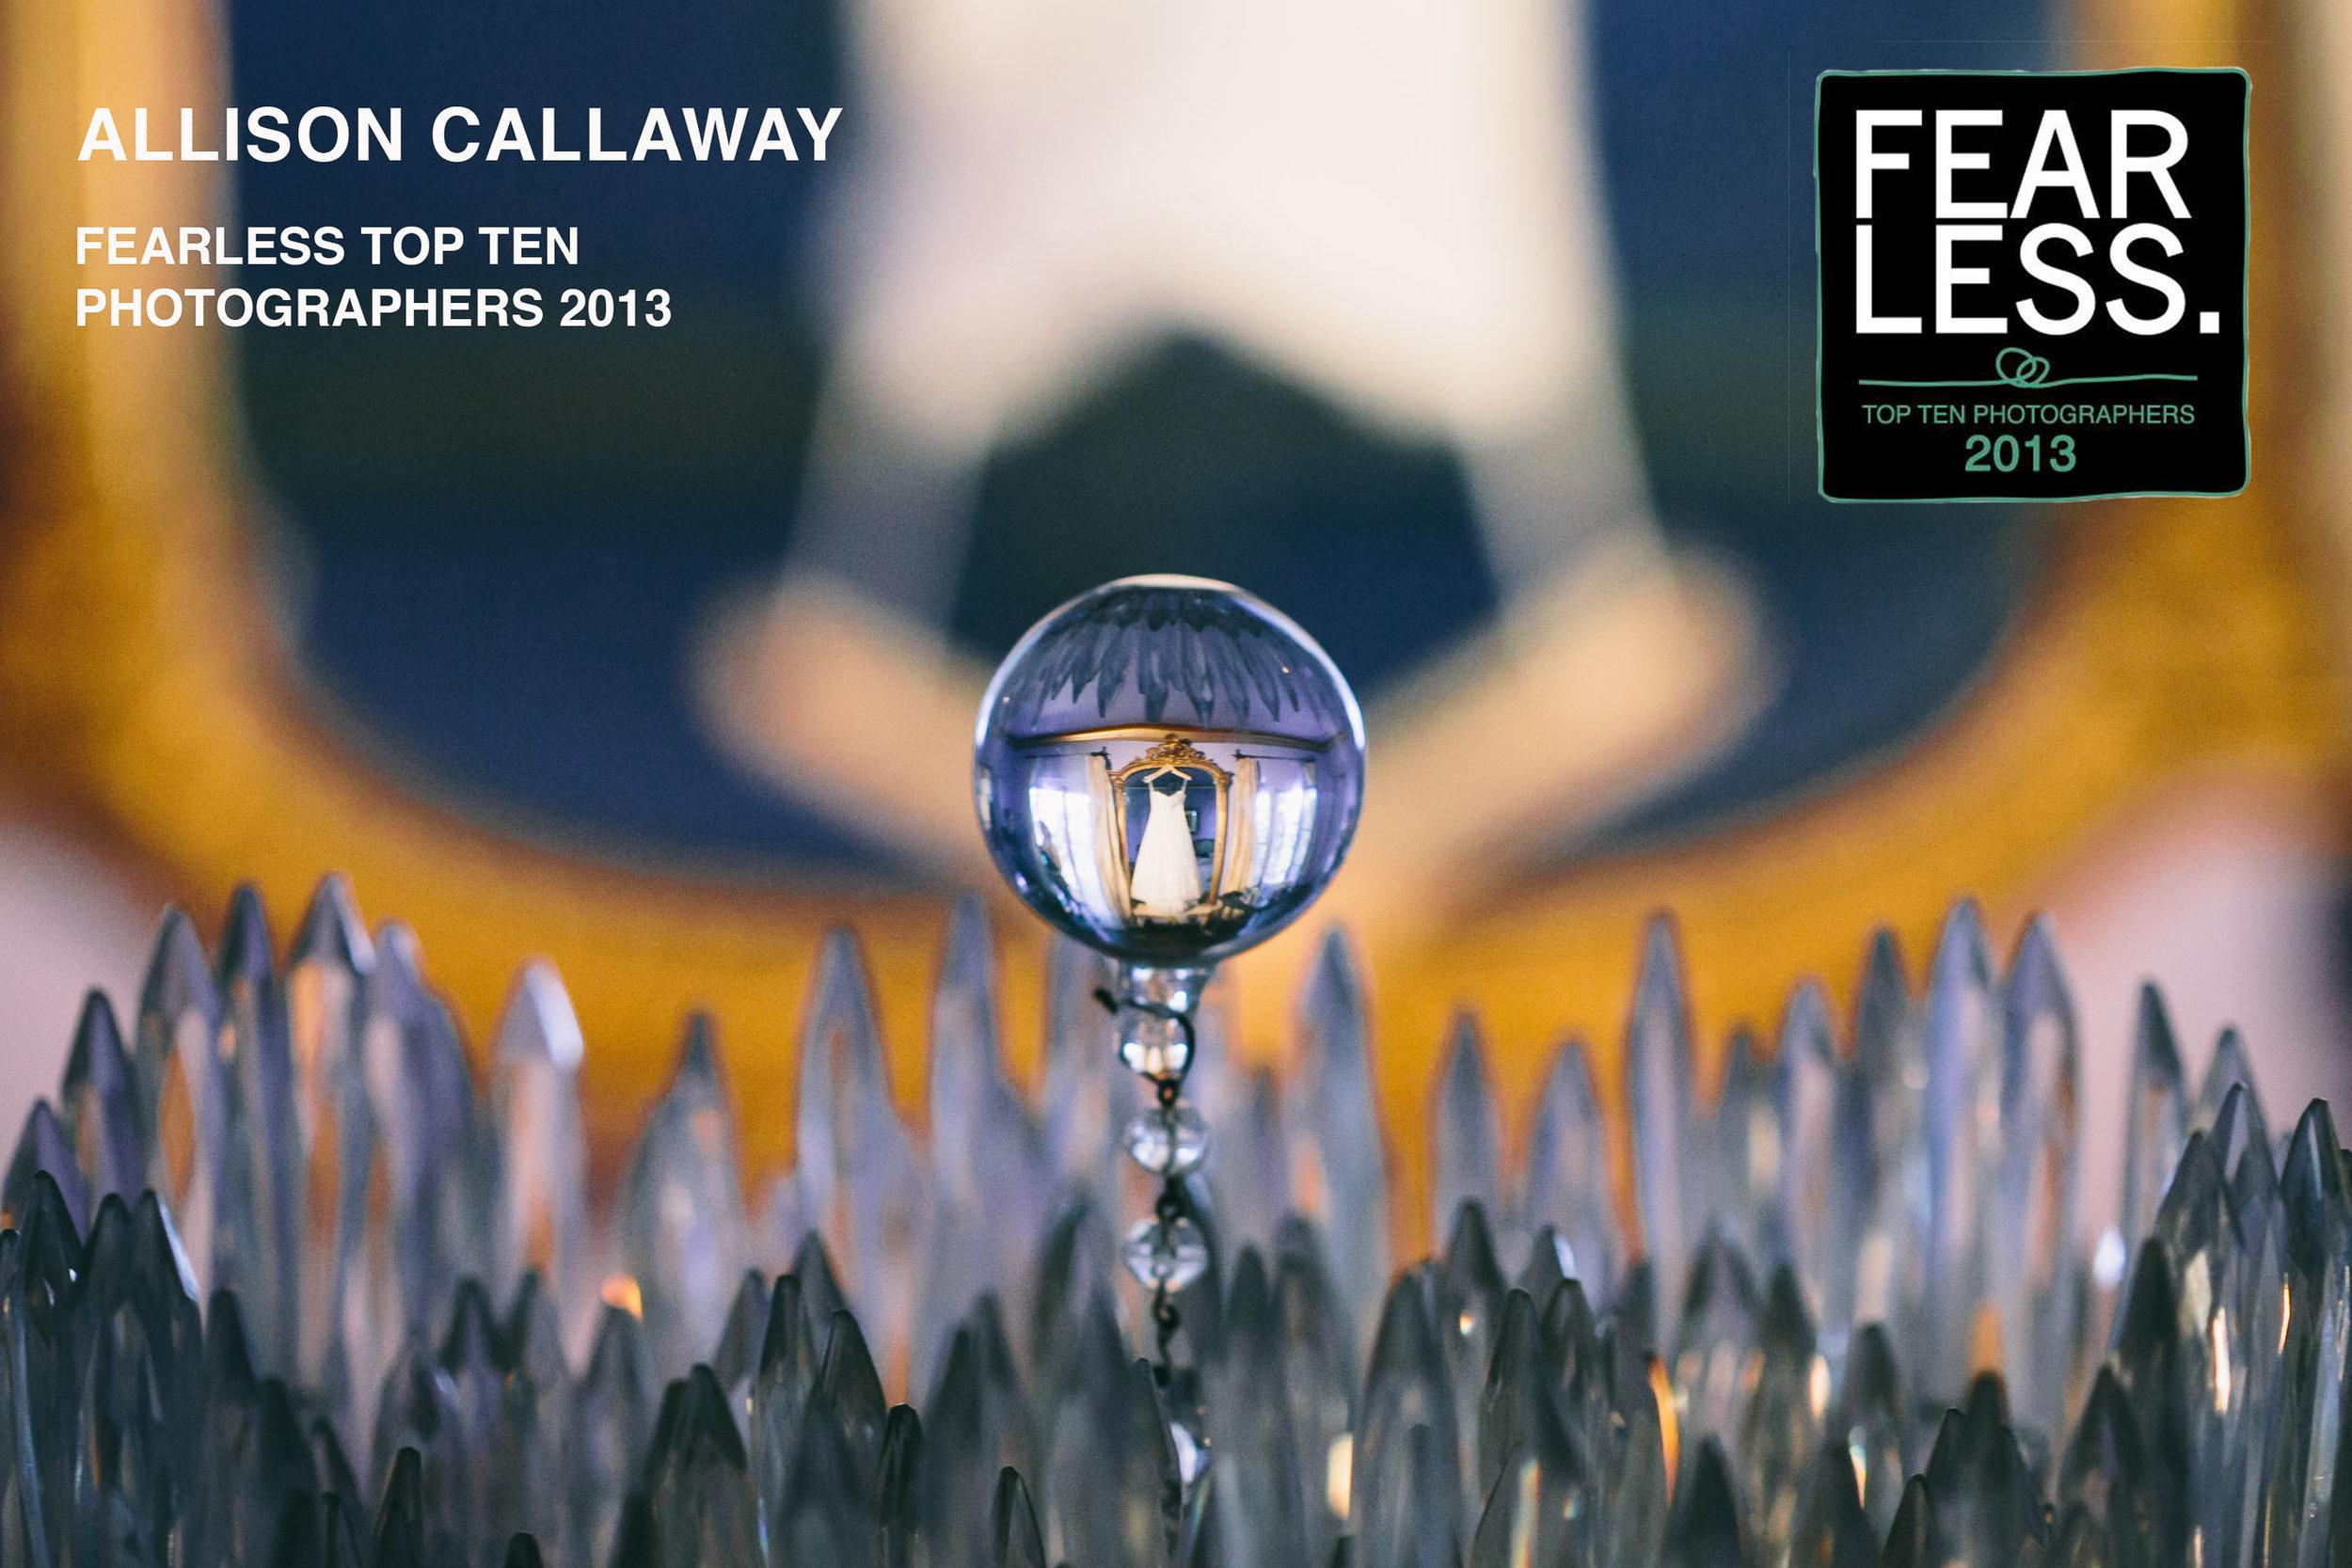 fearless-photographer-award-top-ten-2013-allison-callaway.jpg